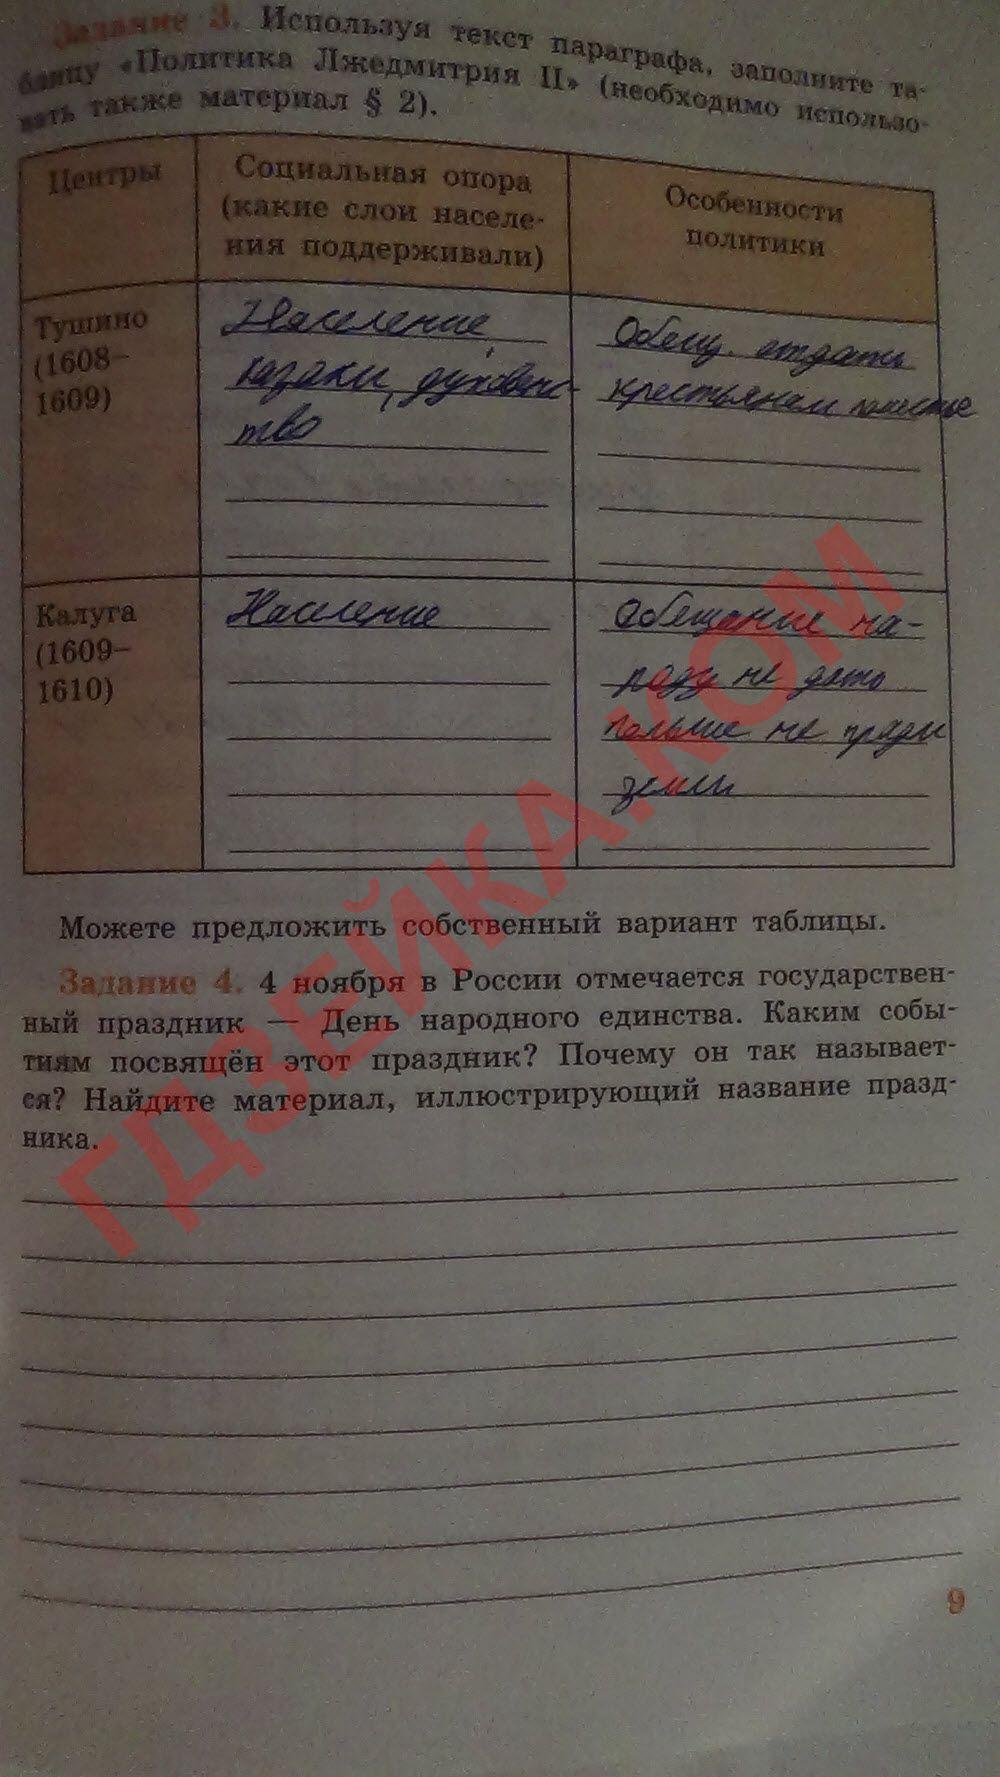 Зачет 1 часть русского языка 2 класс канакина